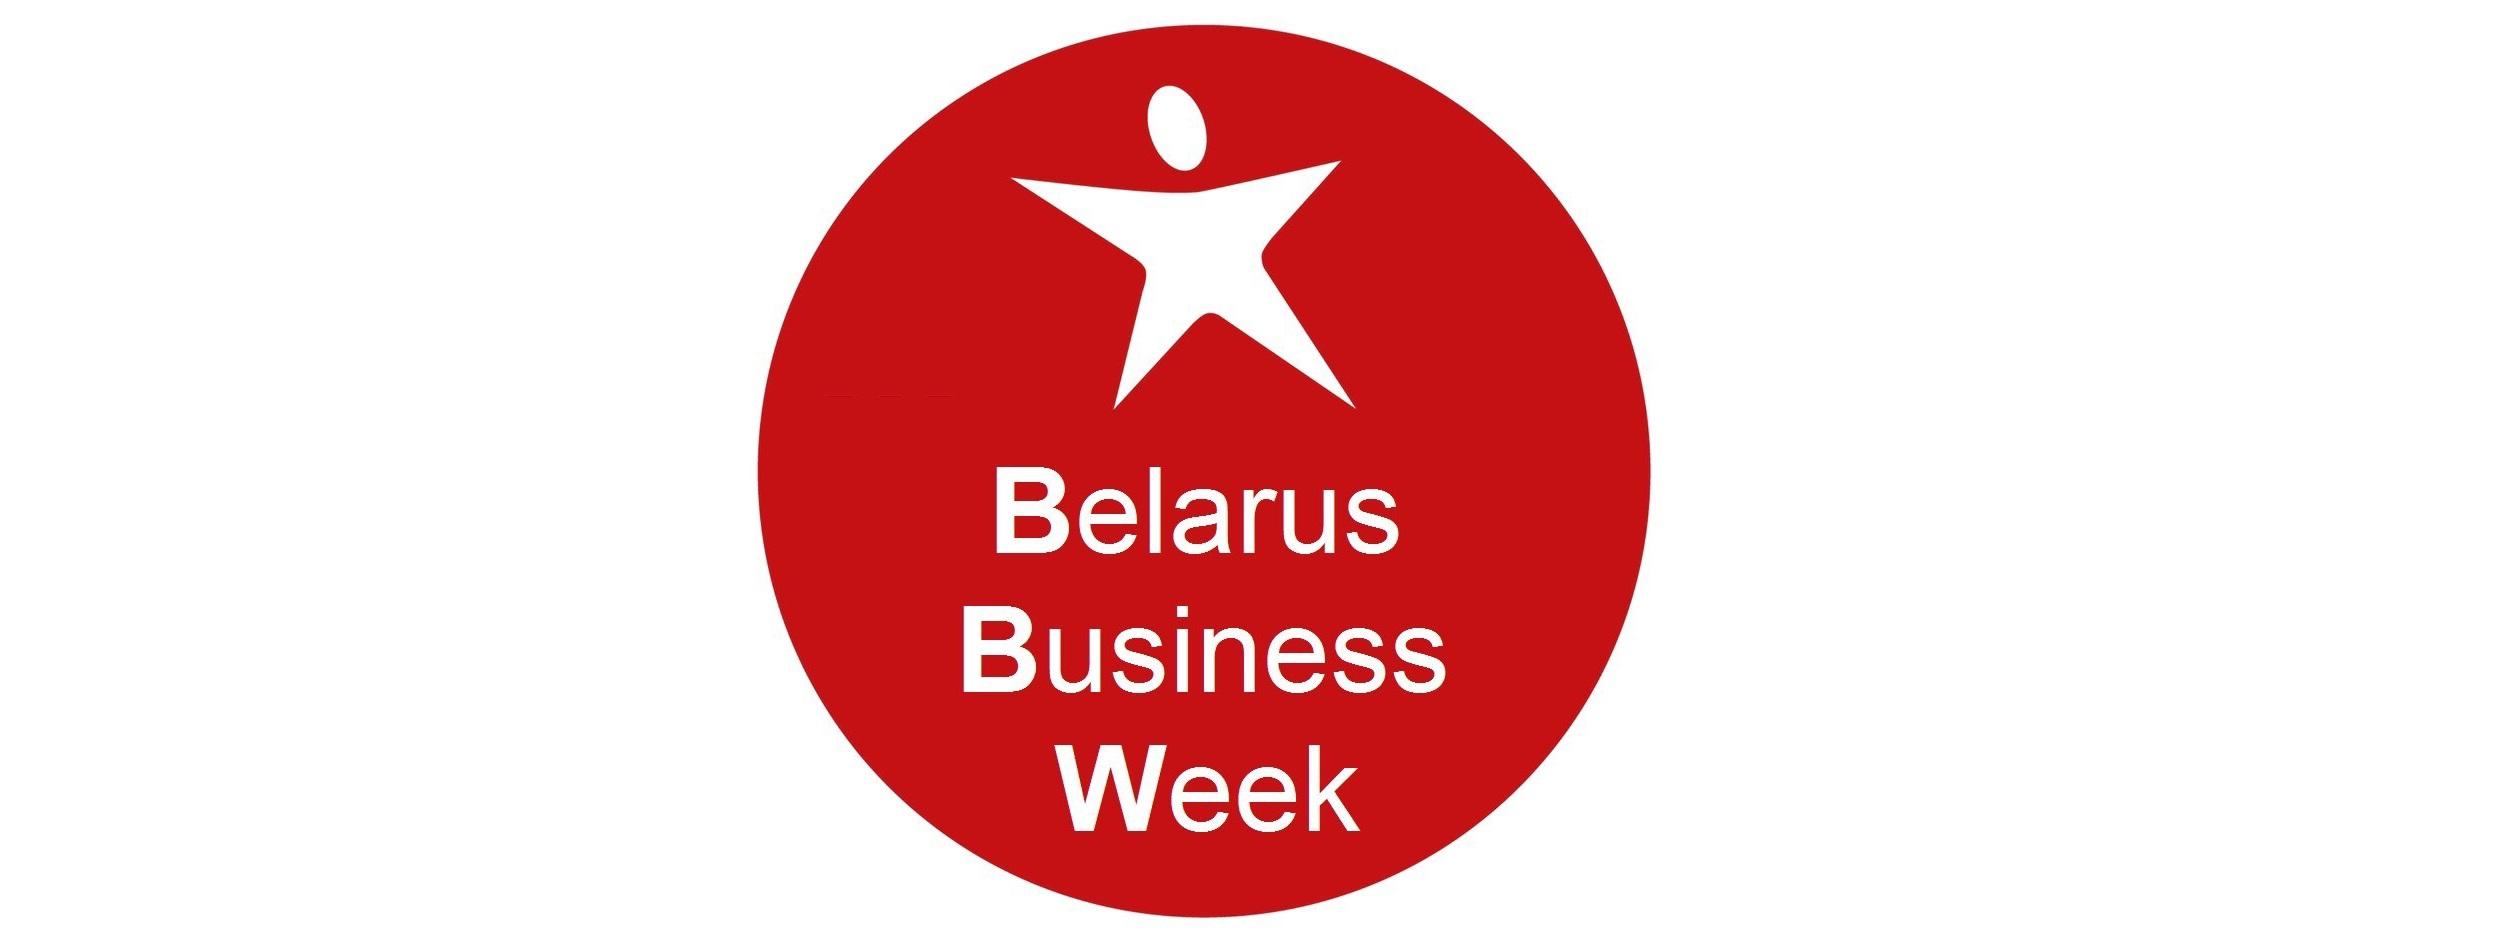 «Belarus business week» для молодежи – повышение экономических знаний, развитие предпринимательских навыков